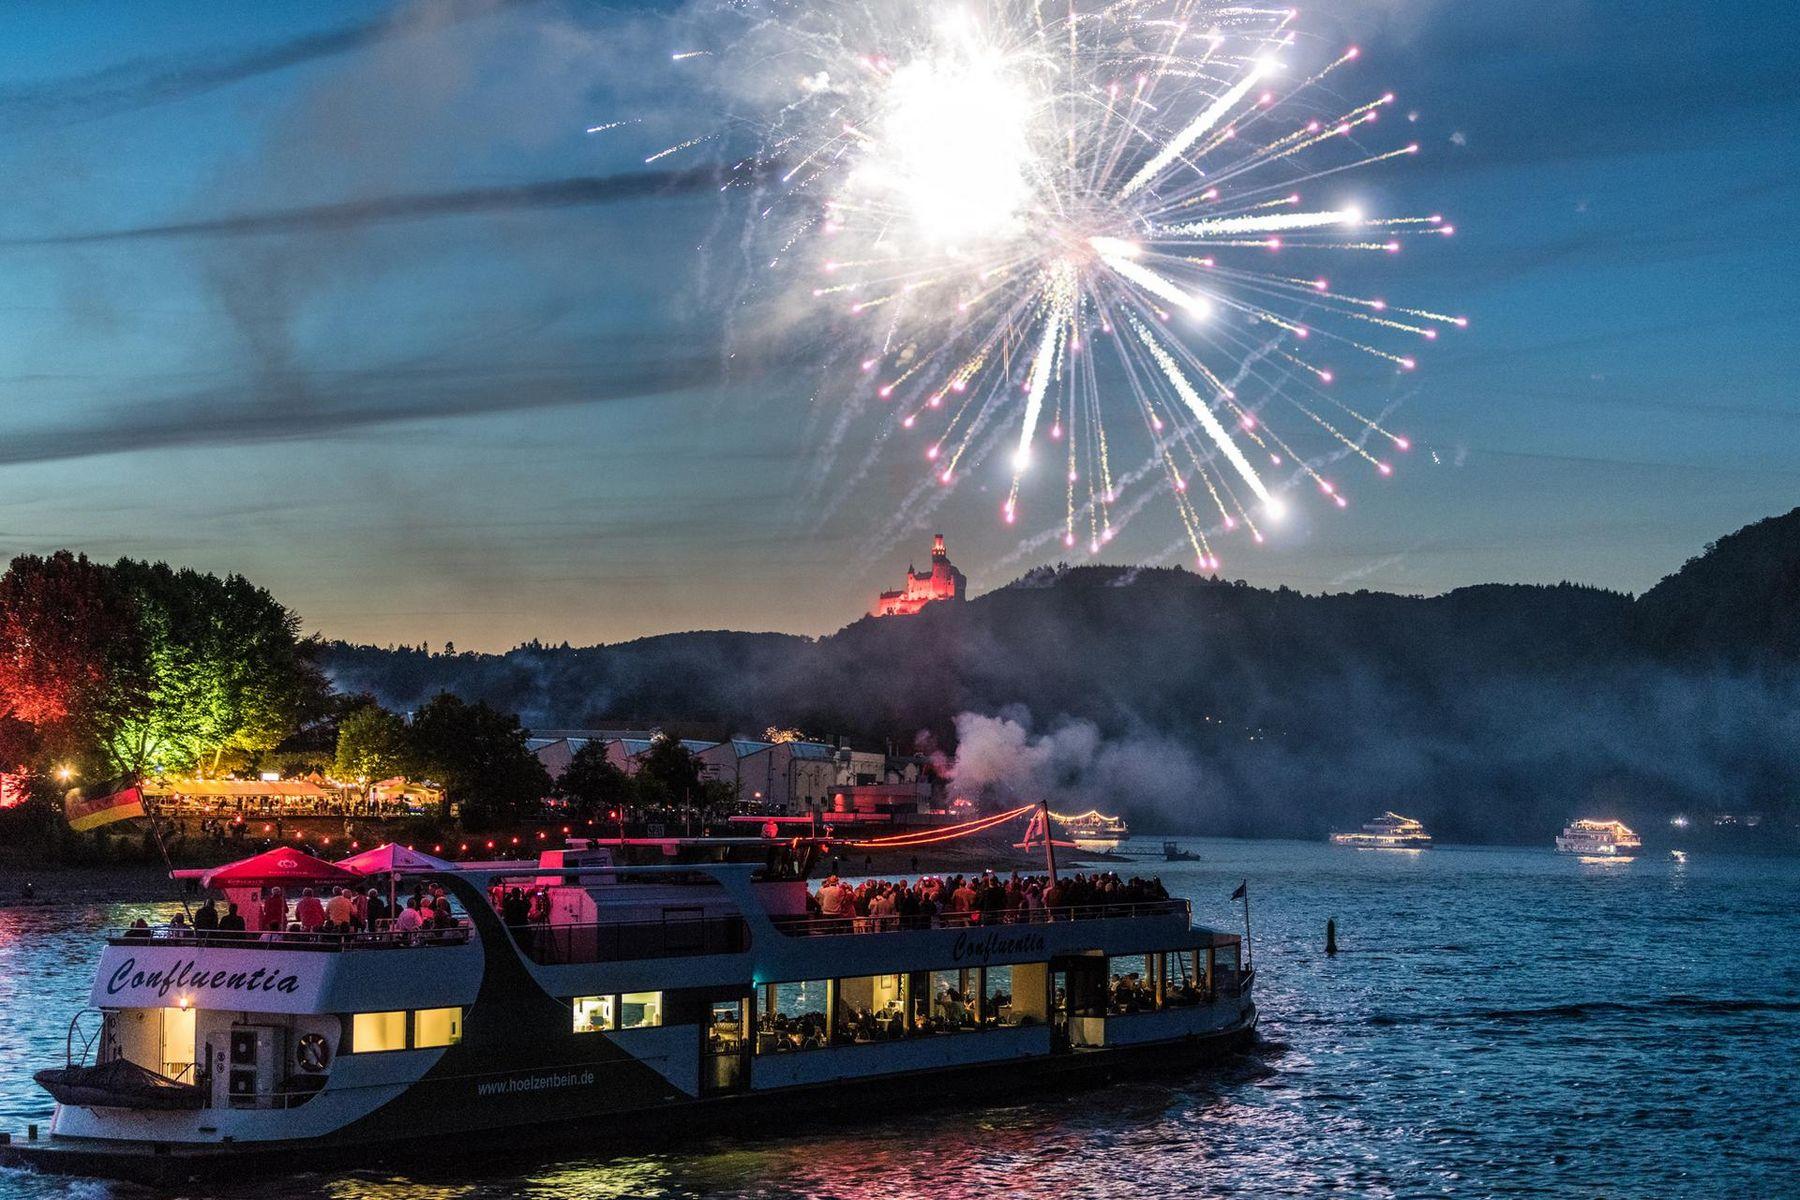 RIF 2018 Koblenz 149 Dominik Ketz Romantischer Rhein Tourismus GmbH web 01